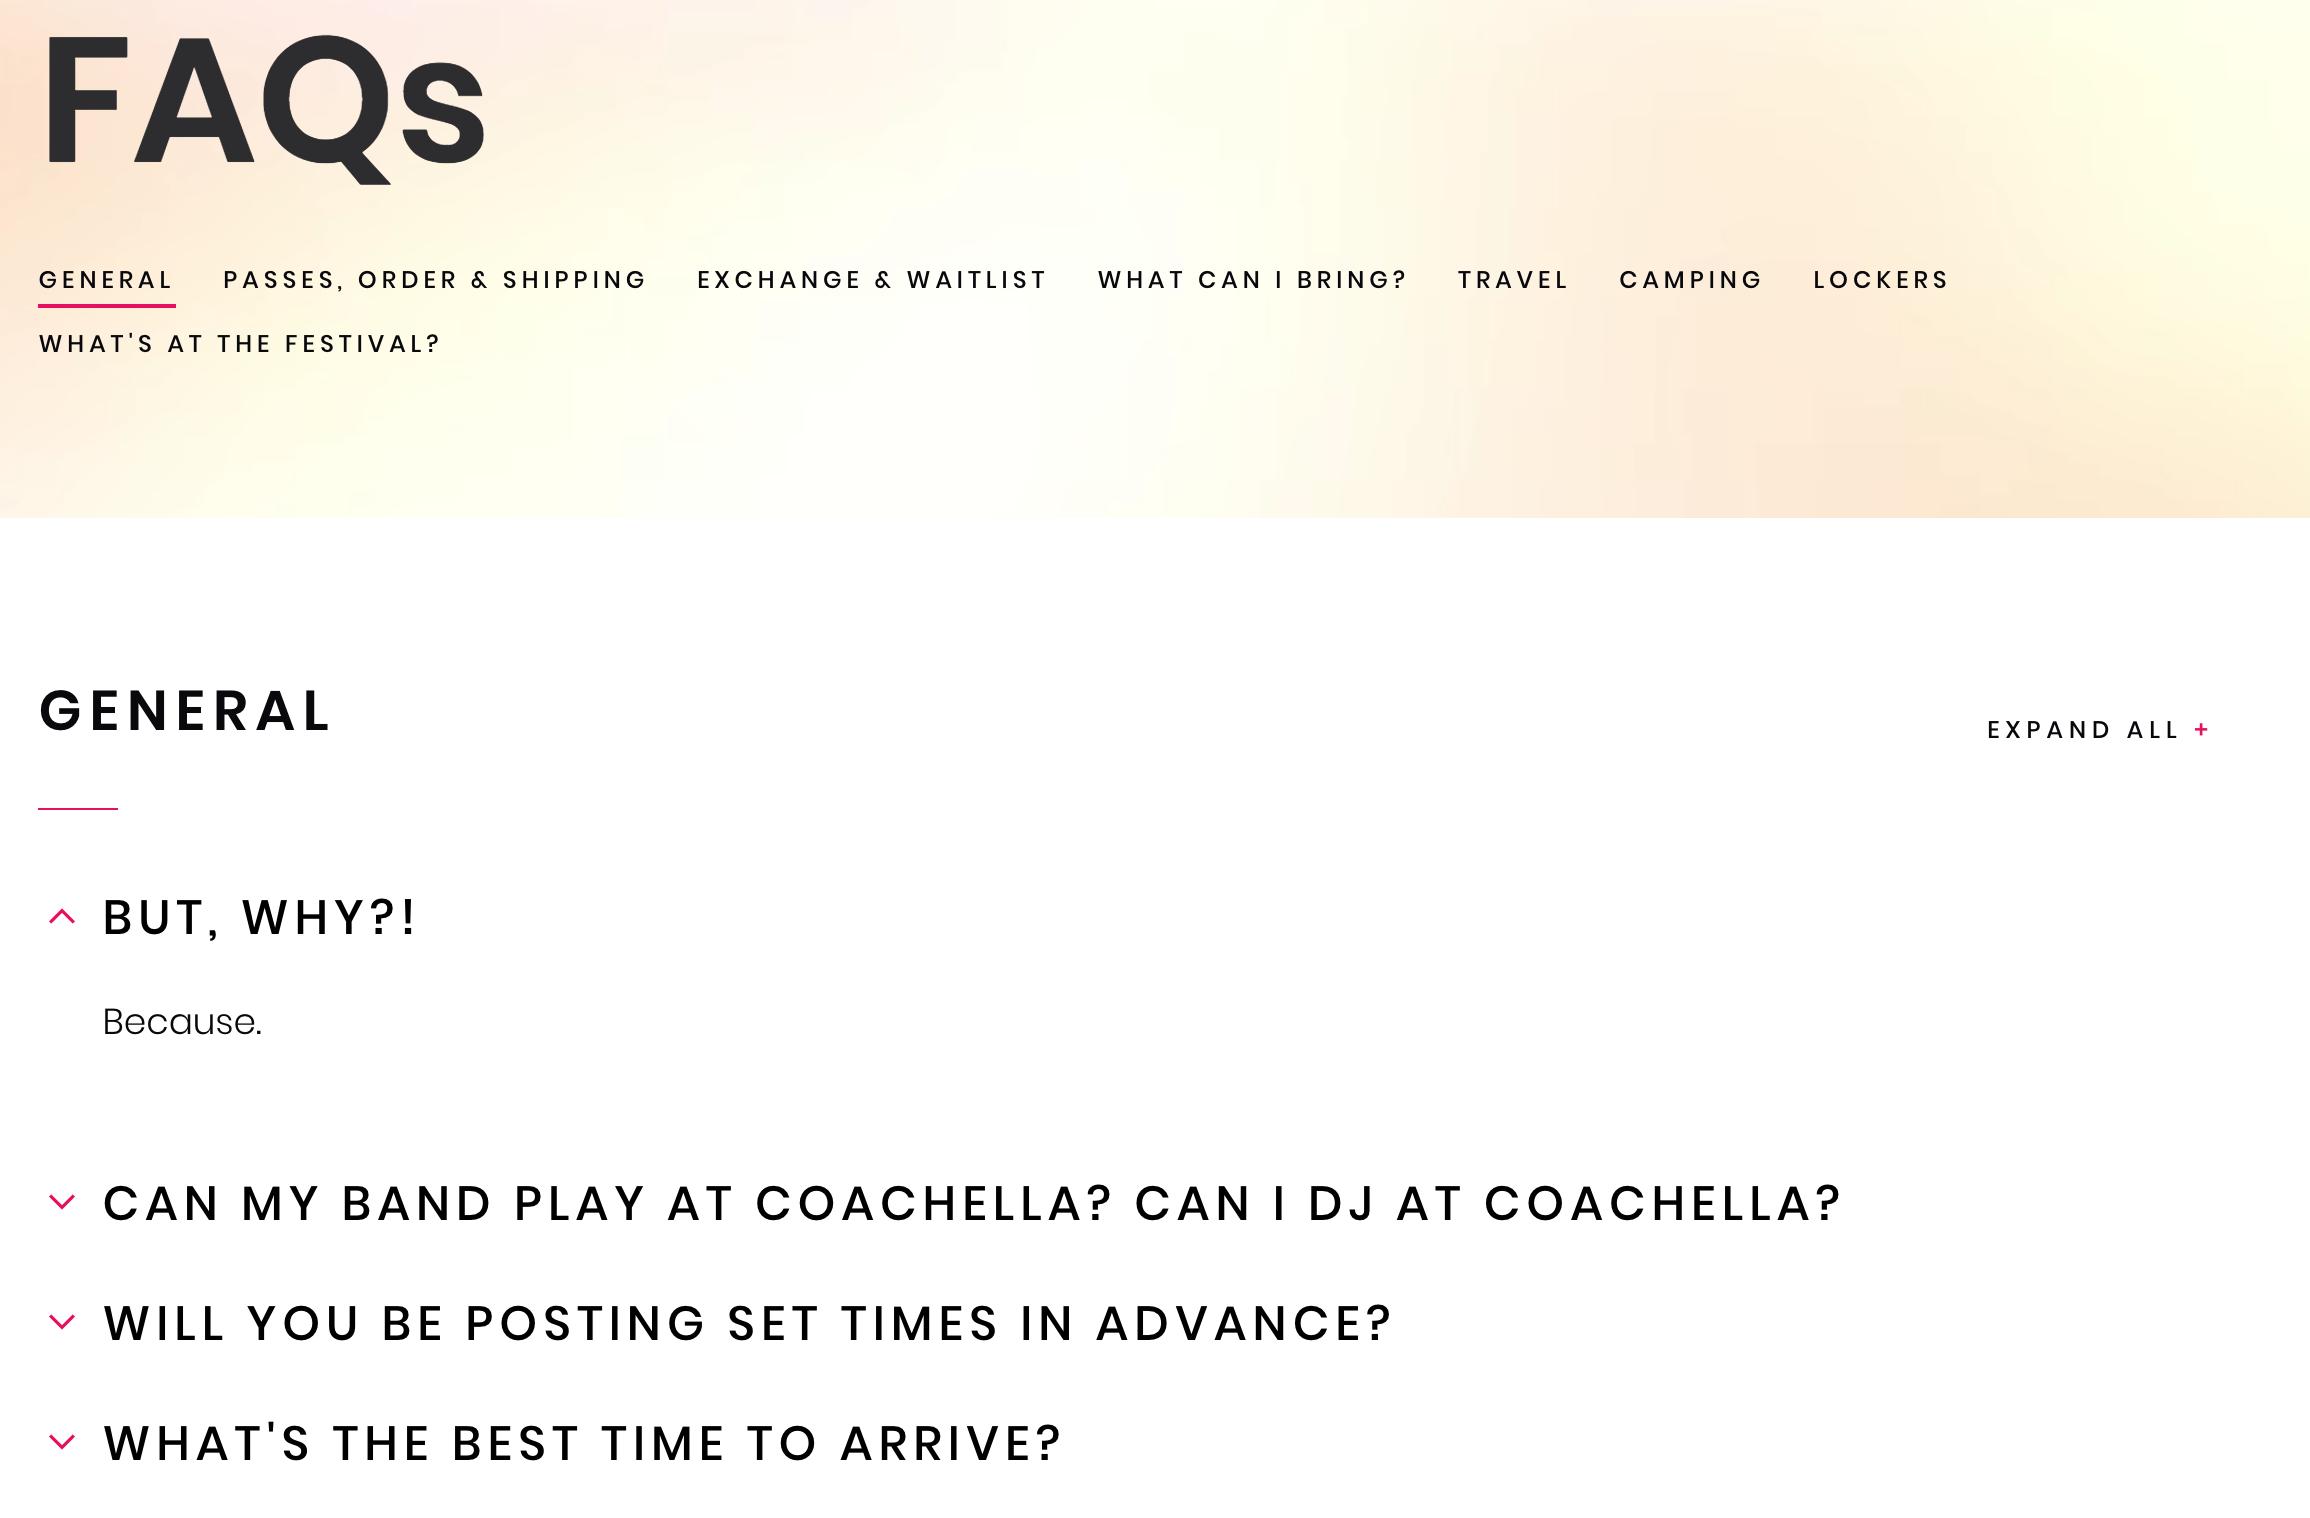 FAQ examples - Coachella